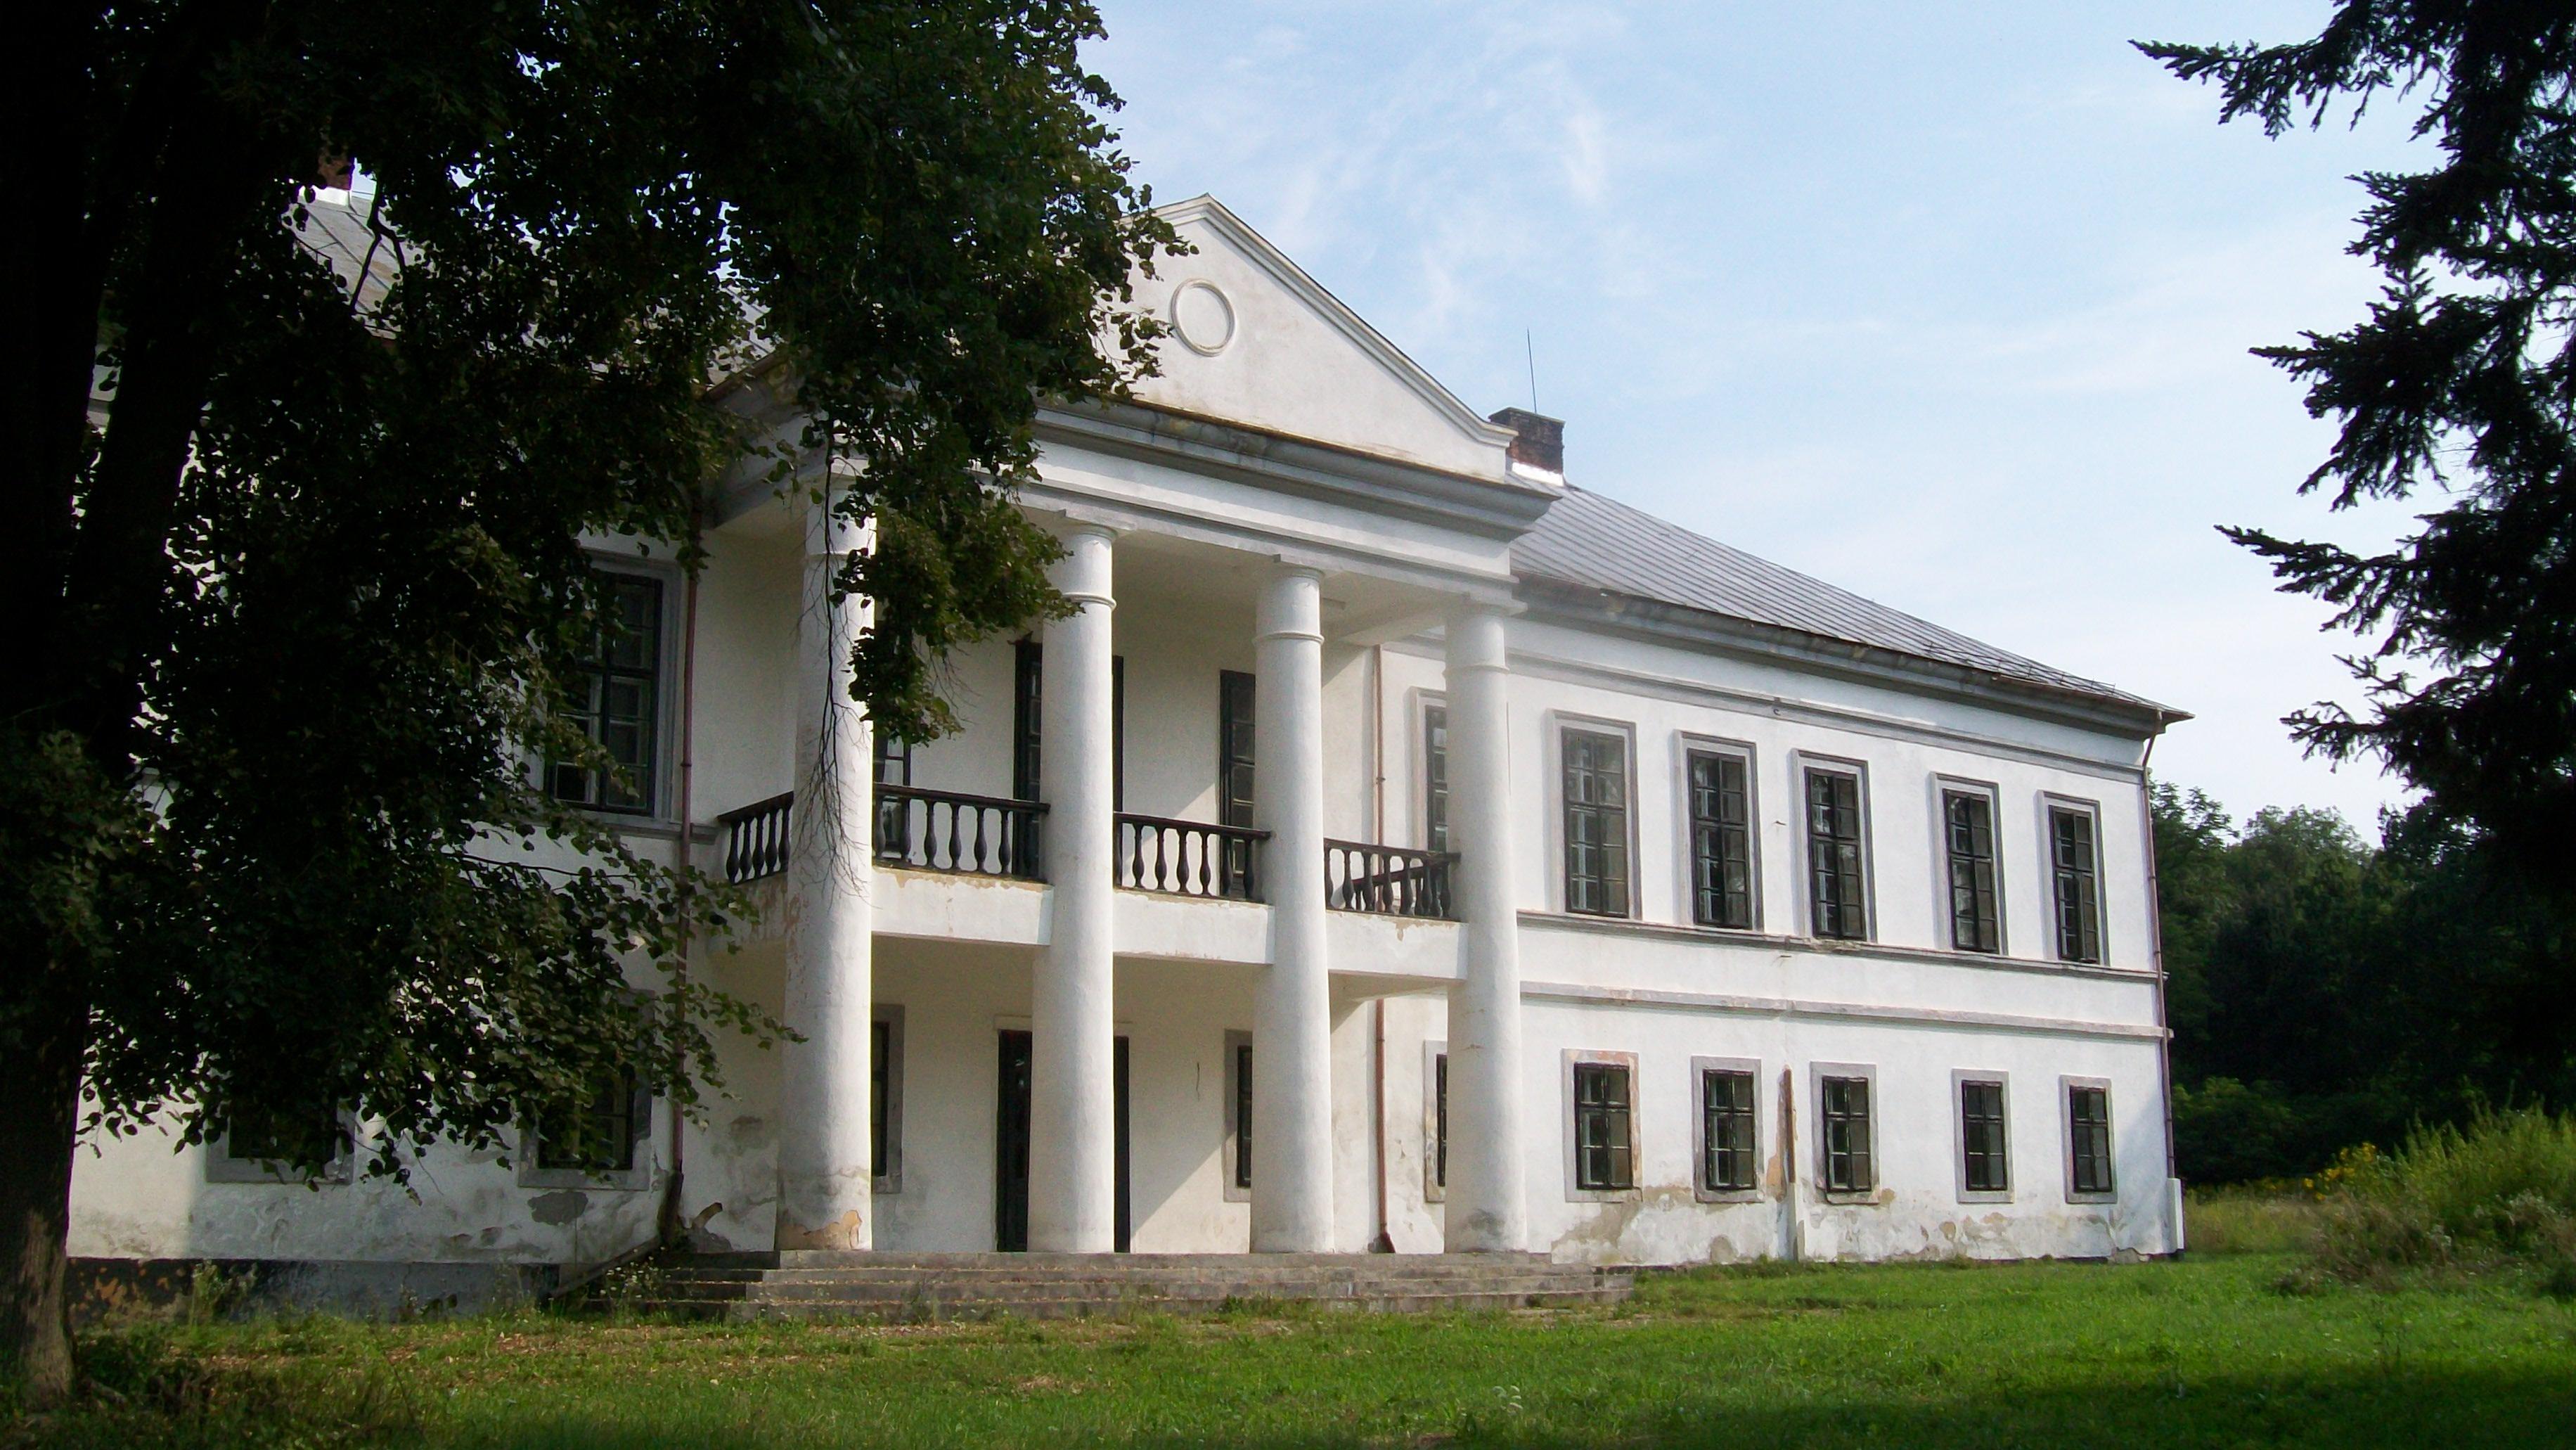 FOTO – UN SUPERB castel din Romania CUMPARAT de o firma din Anglia pentru a-l restaura! Ce vor face apoi cu el?